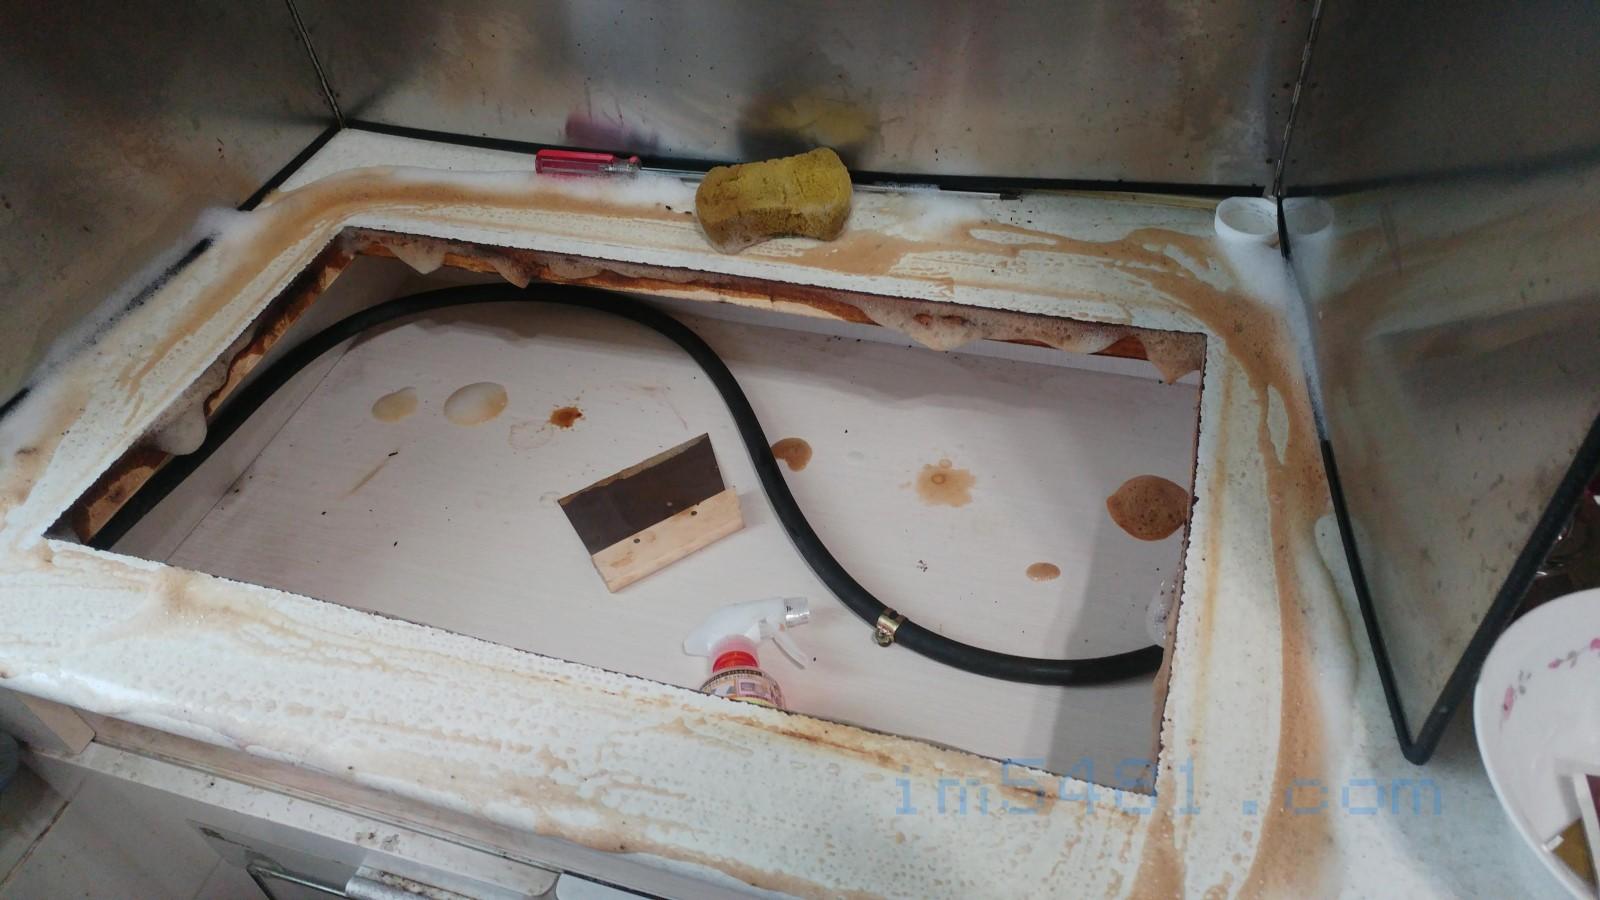 使用花王Magiclean 廚房魔術靈橘油捷淨噴槍瓶清除油垢